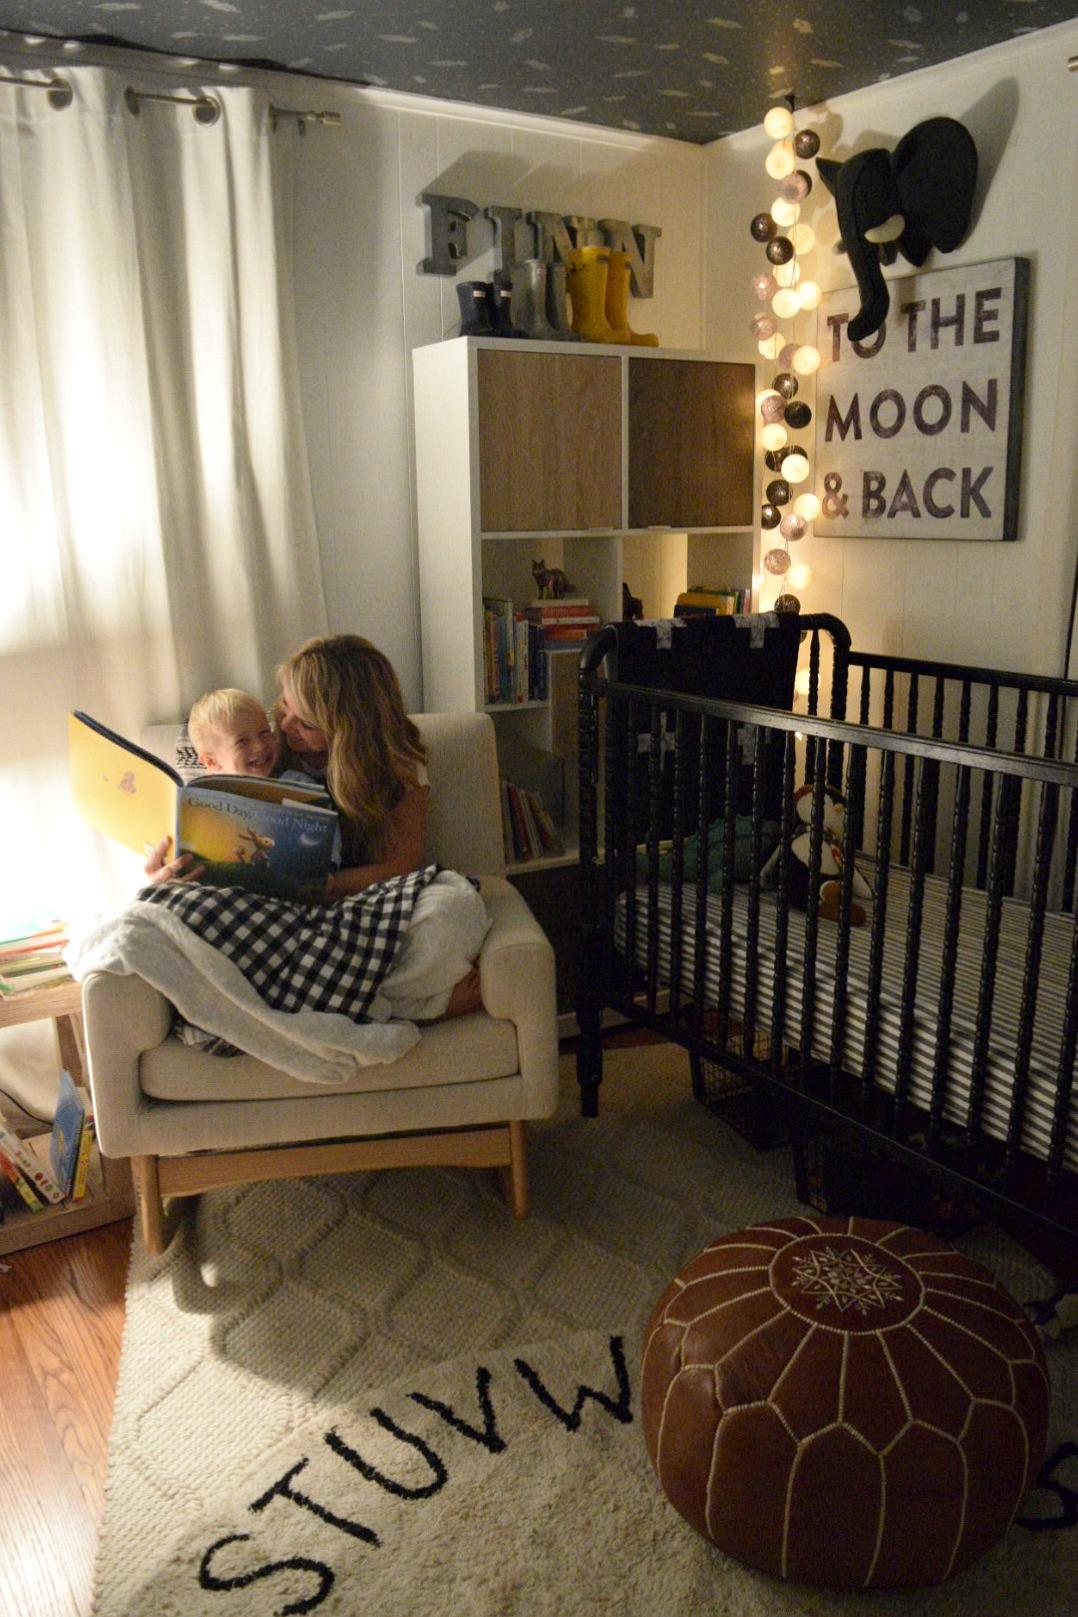 19 Month Old Sleep Schedule Sleep Schedule with Good Day, Good Night Children's Books